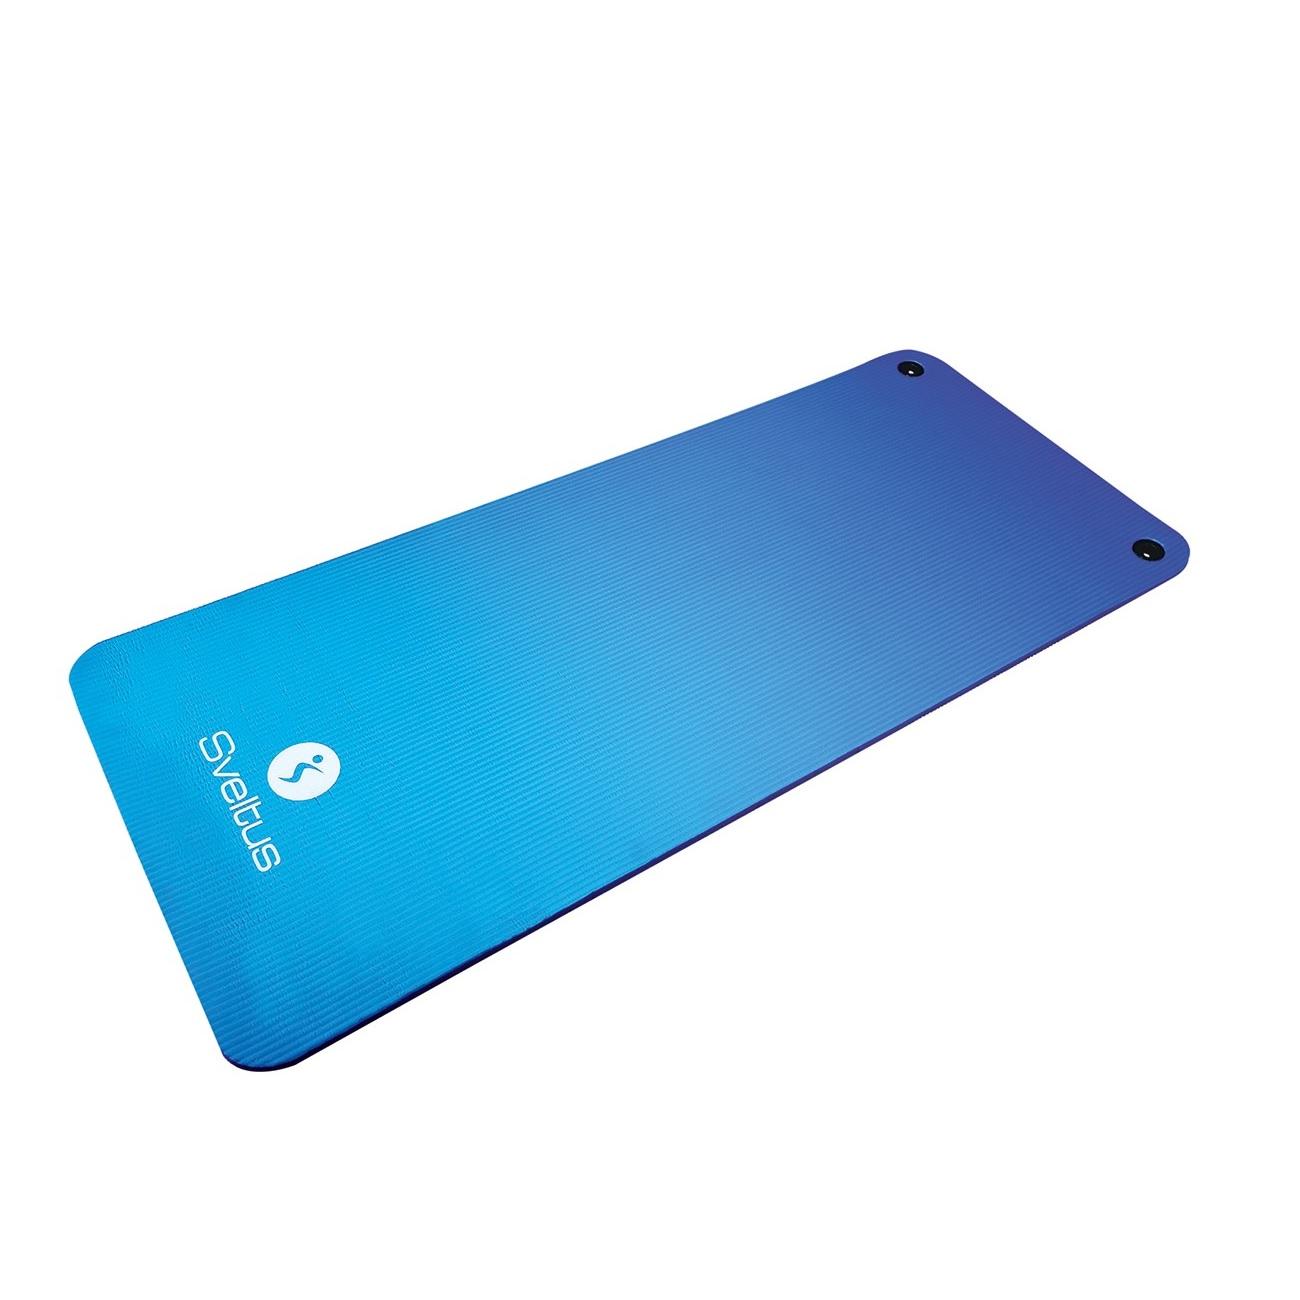 Sveltus Tapis évolution bleu 140x60 cm